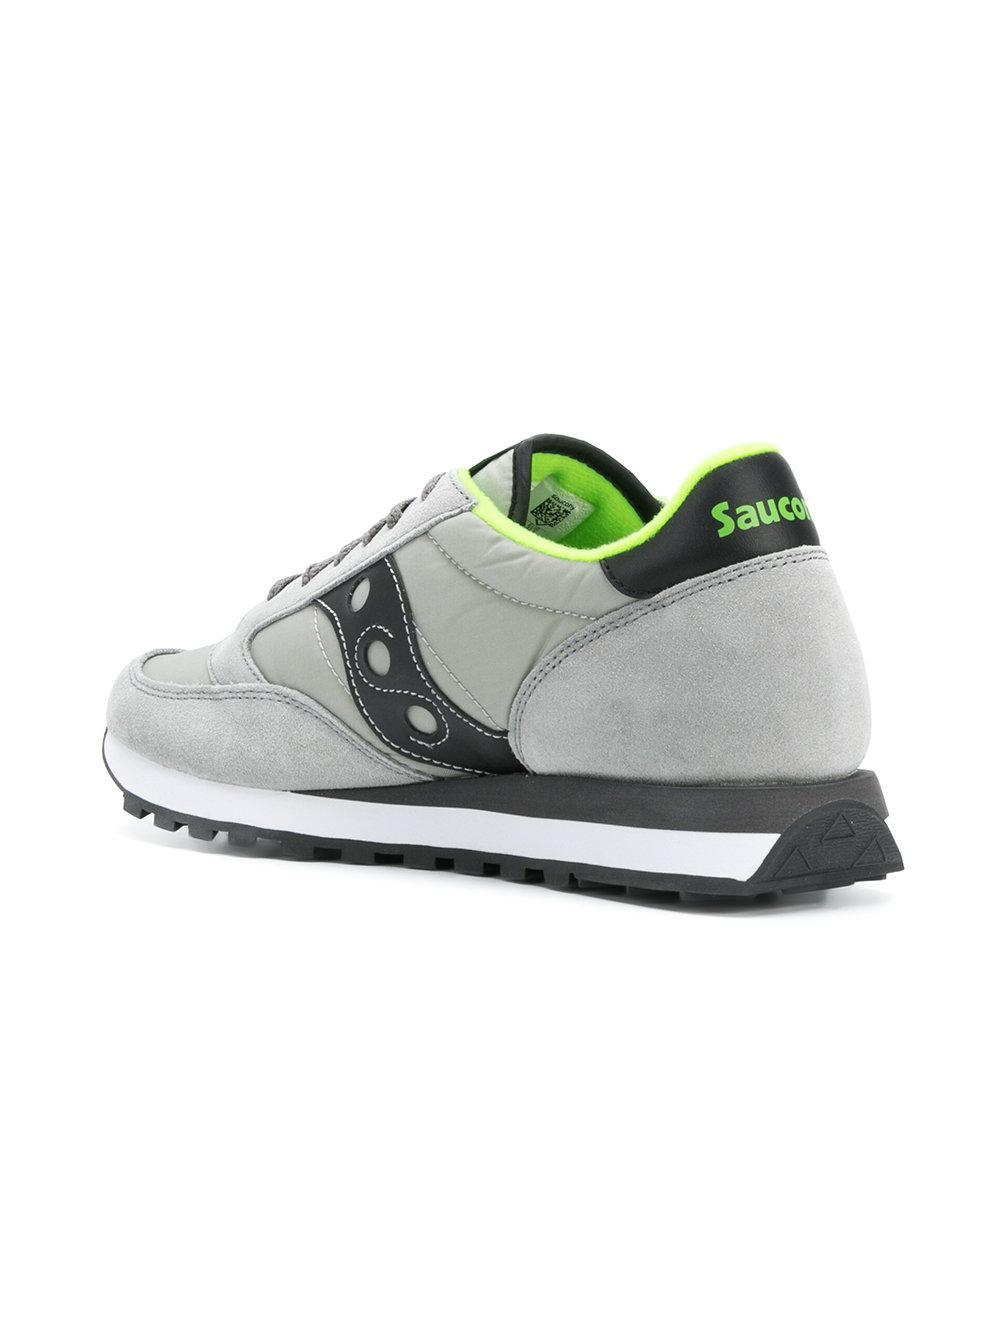 panelled mesh runner sneakers - Grey Saucony pOCkJJj